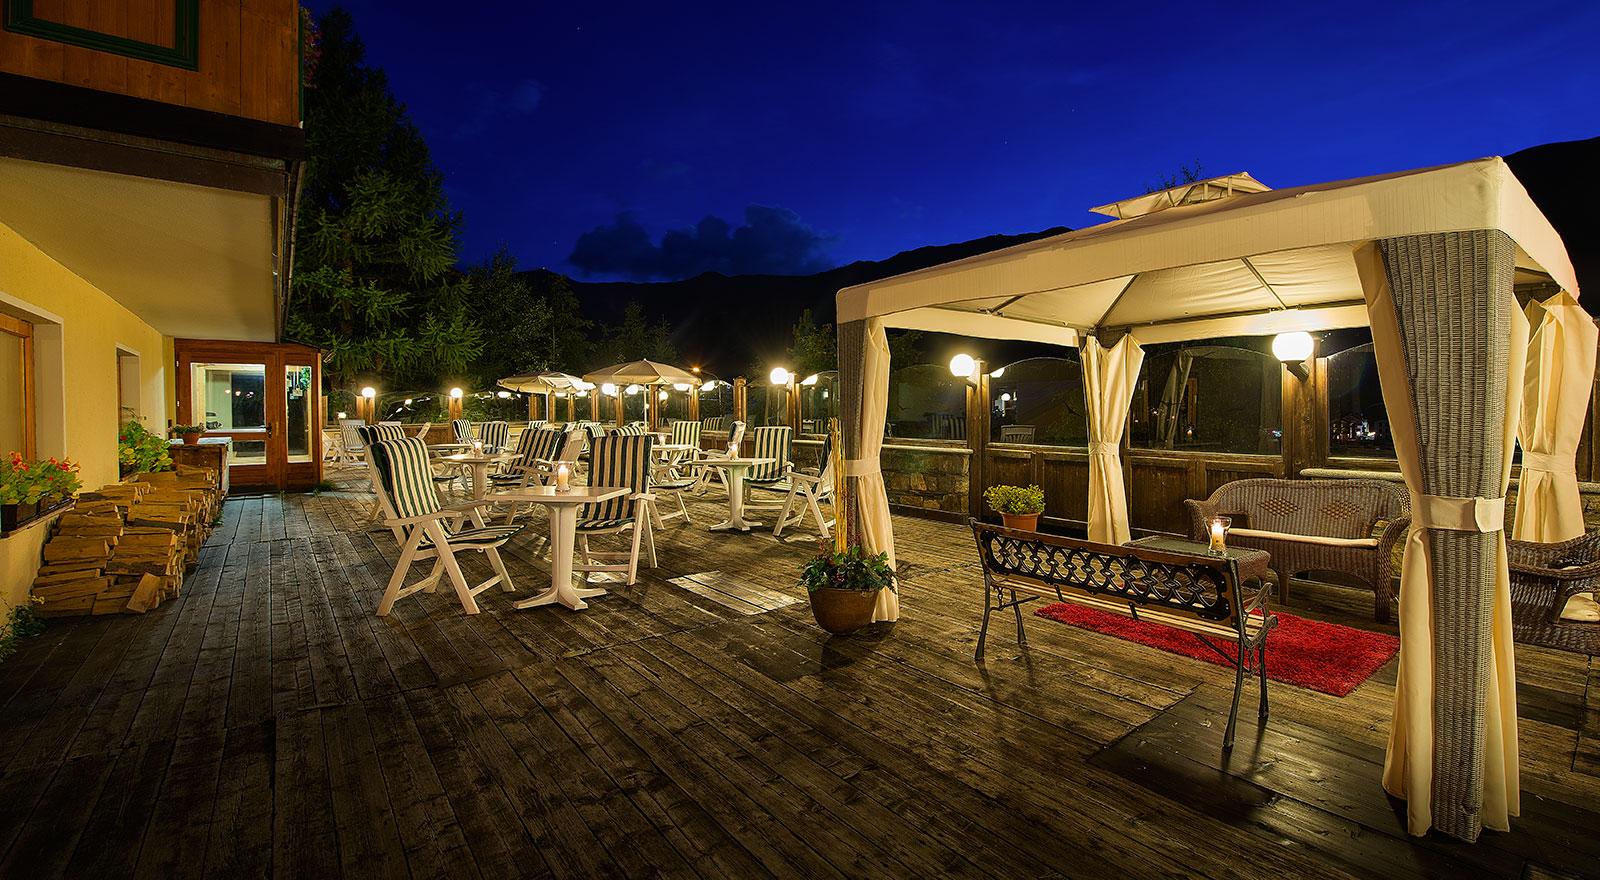 Hotel bucaneve livigno - Livigno hotel con piscina ...